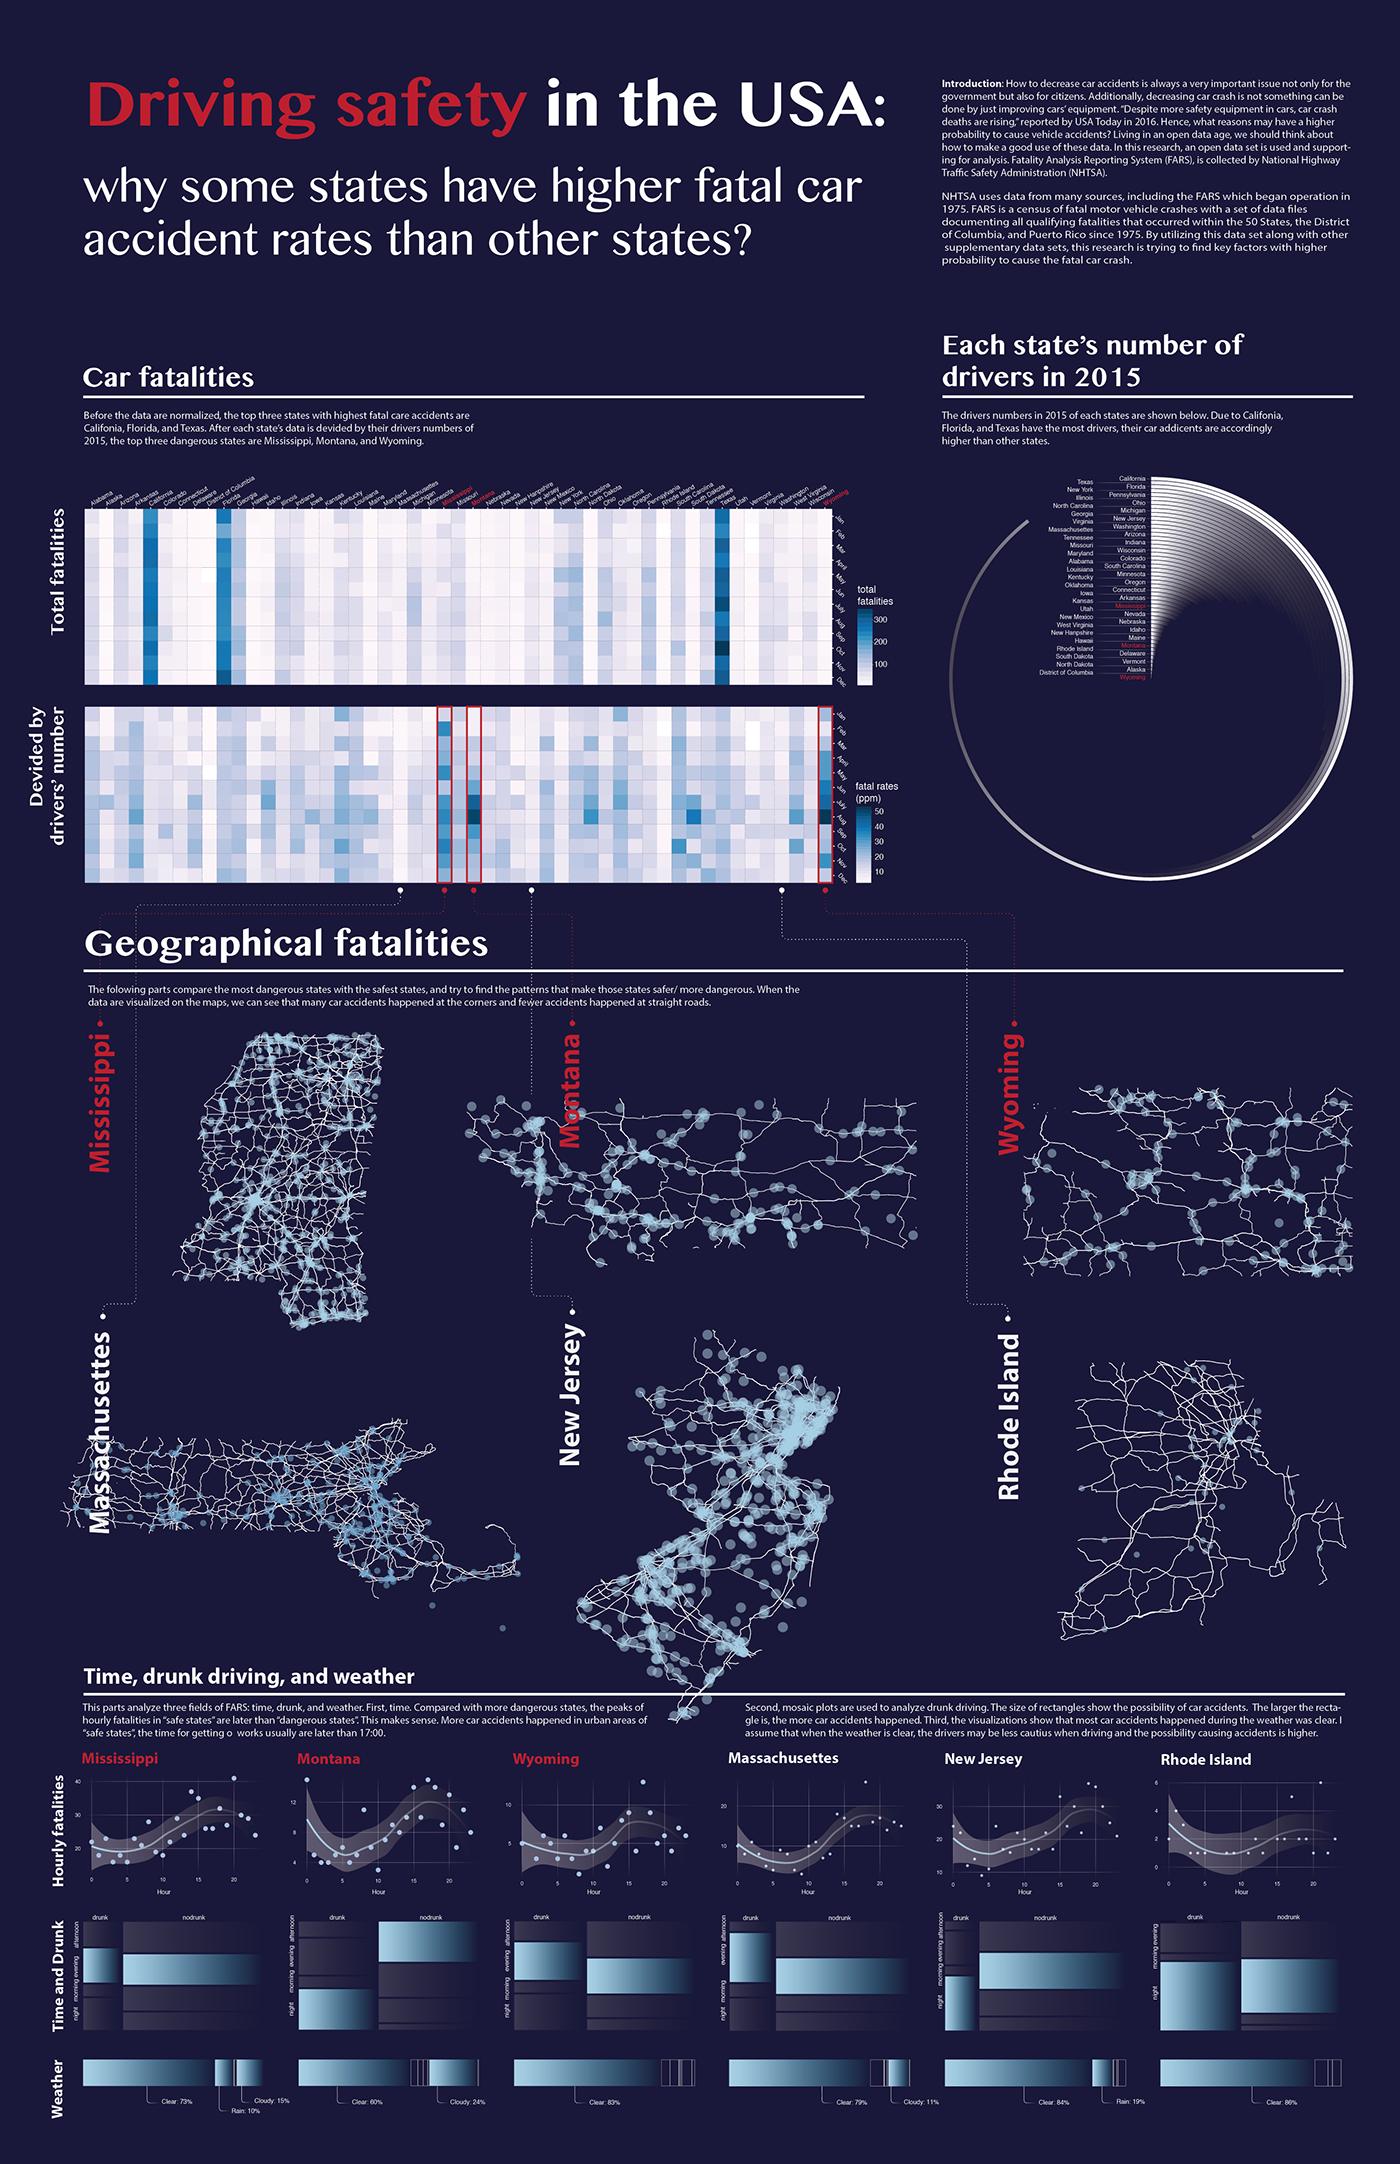 graphic design  infographic data visualization Data Viz information design car accidents information architecture